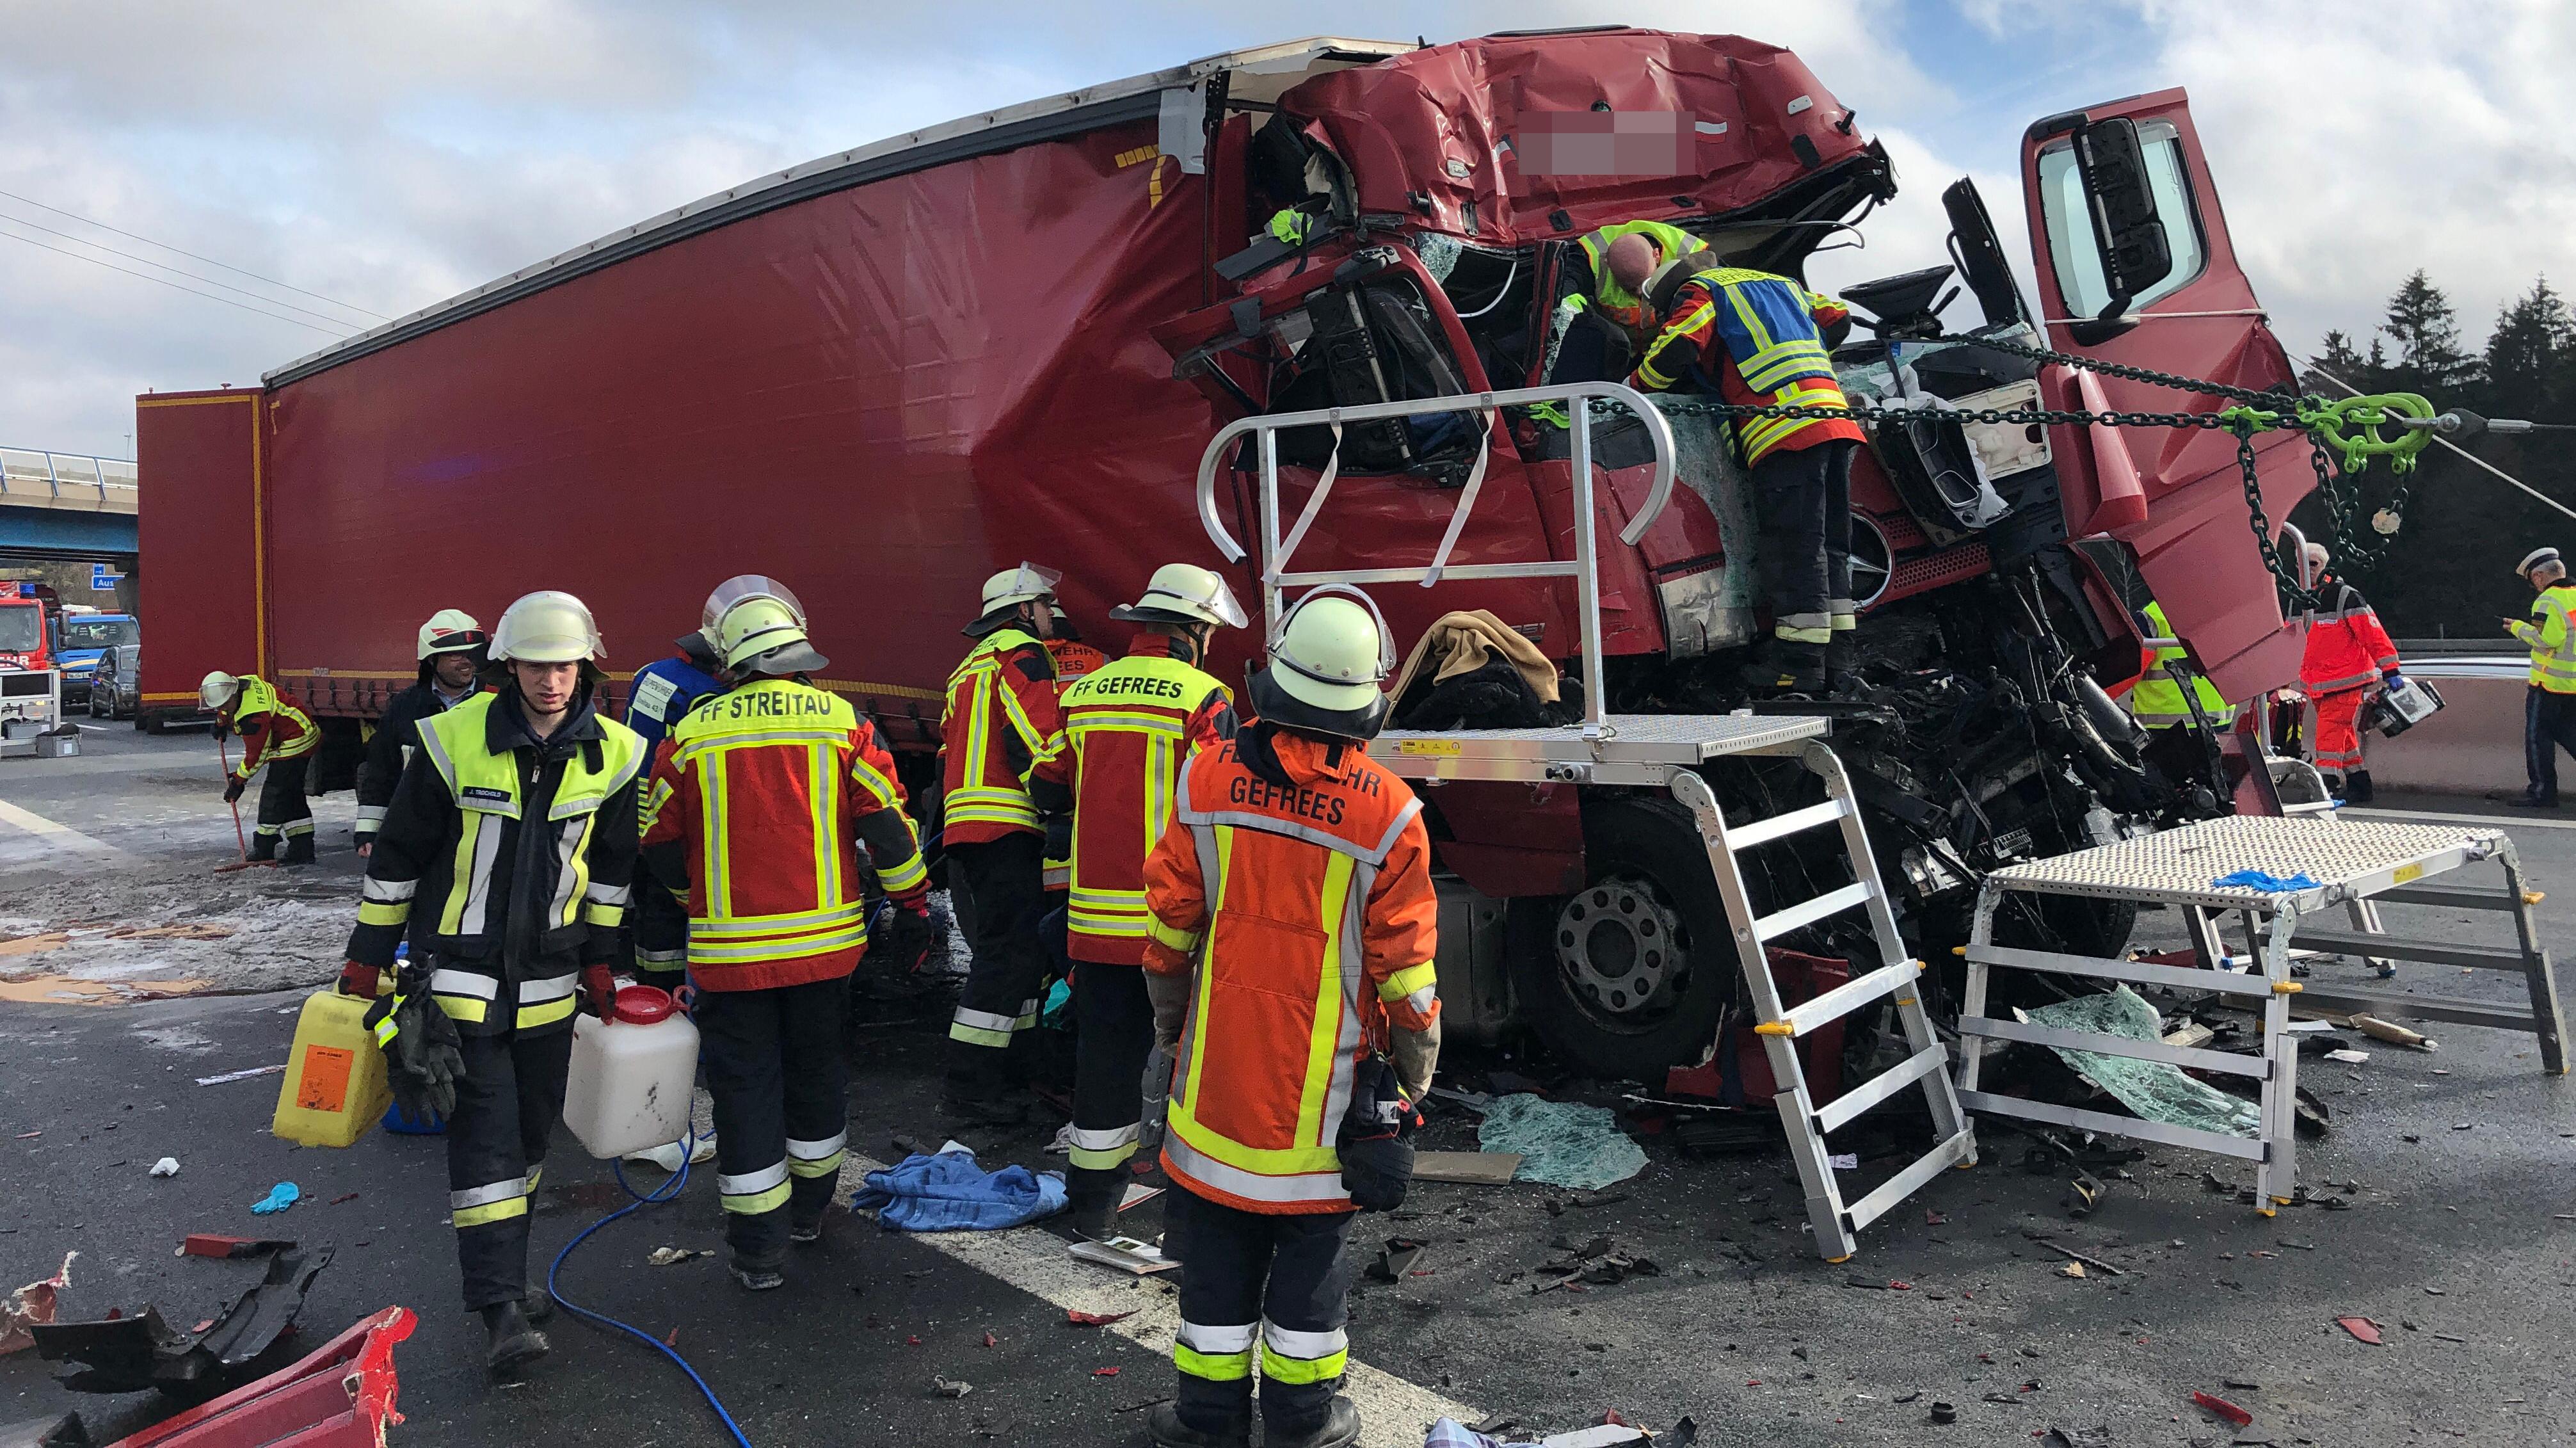 Ein völlig demolierter Lkw steht auf einer Autobahn, daneben stehen Einsatzkräfte.